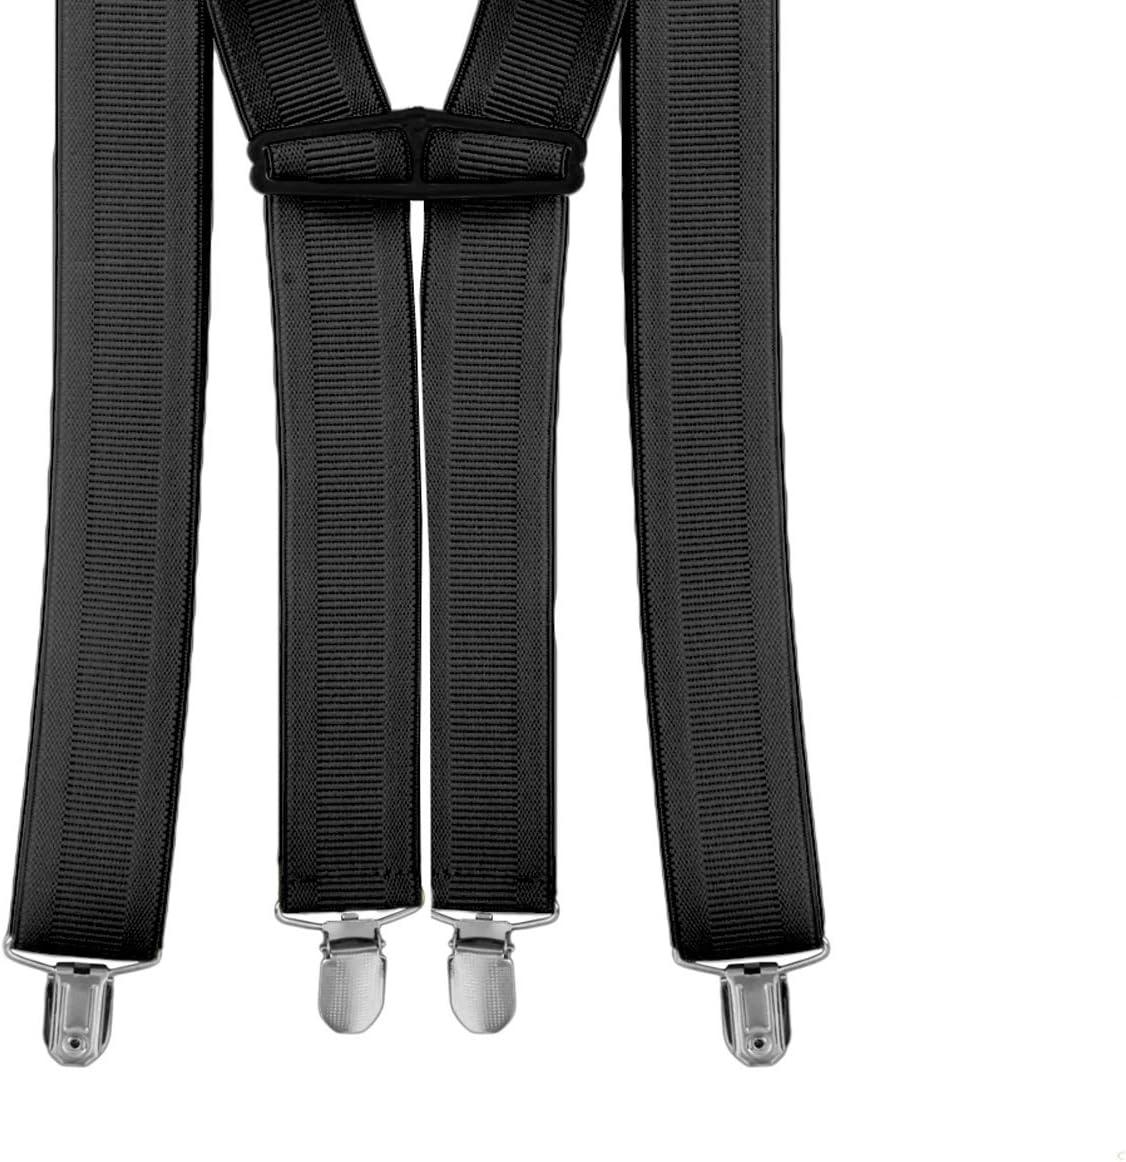 35mm 35mm Jean Pantalon Trimming Shop Homme /Élastique Bretelles Forme X Uni Bretelles R/églables avec Forte M/étal Clip pour Pantalons Bleu Marine